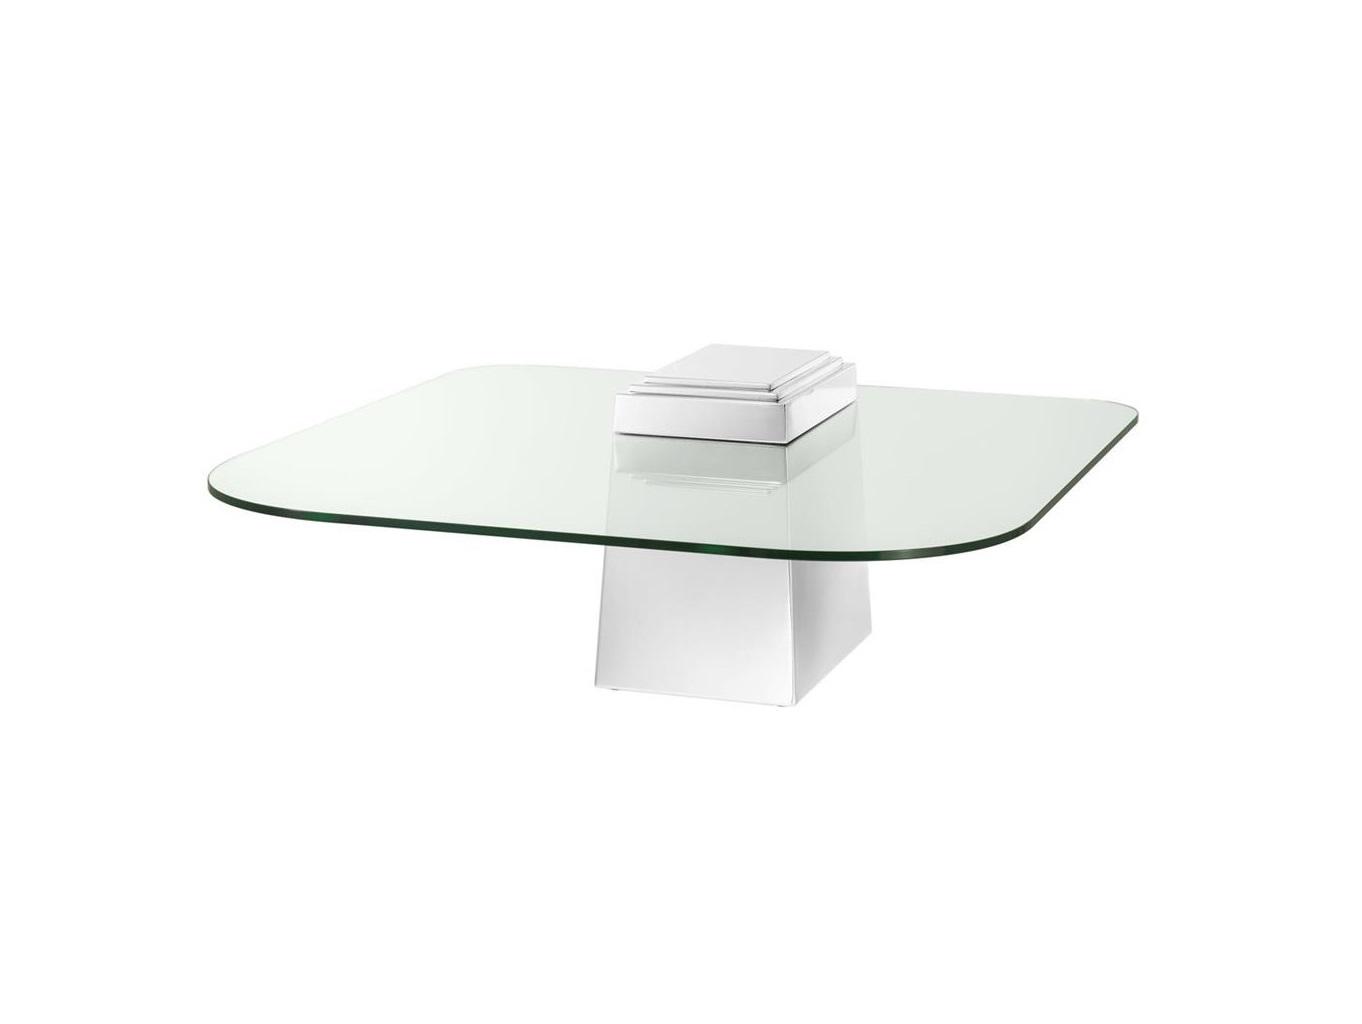 Журнальный стол OrientЖурнальные столики<br>Оригинальный журнальный стол Orient с пирамидальным основанием из полированной нержавеющей стали.&amp;amp;nbsp;&amp;lt;div&amp;gt;Квадратная столешница с закругленными углами из прозрачного стекла.&amp;lt;/div&amp;gt;<br><br>Material: Стекло<br>Ширина см: 105.0<br>Высота см: 44.0<br>Глубина см: 105.0